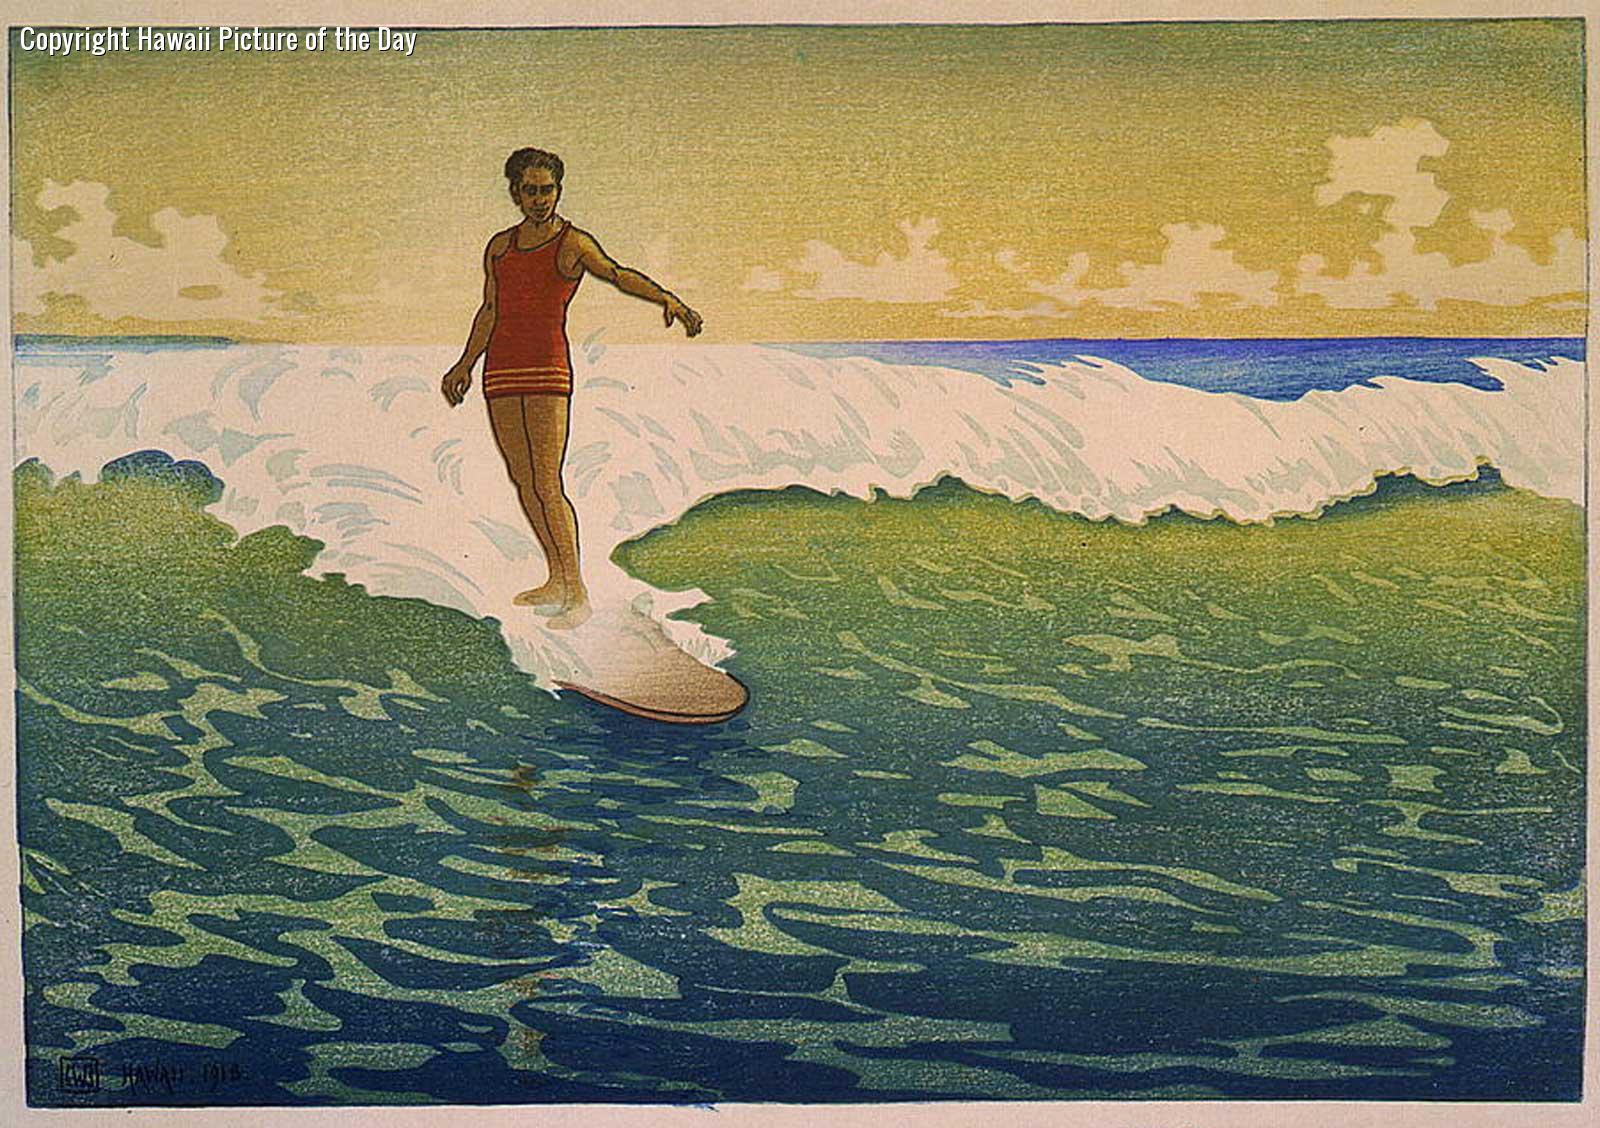 Longboard Surfing Wallpaper Download wallpaper 1600 x 1600x1128